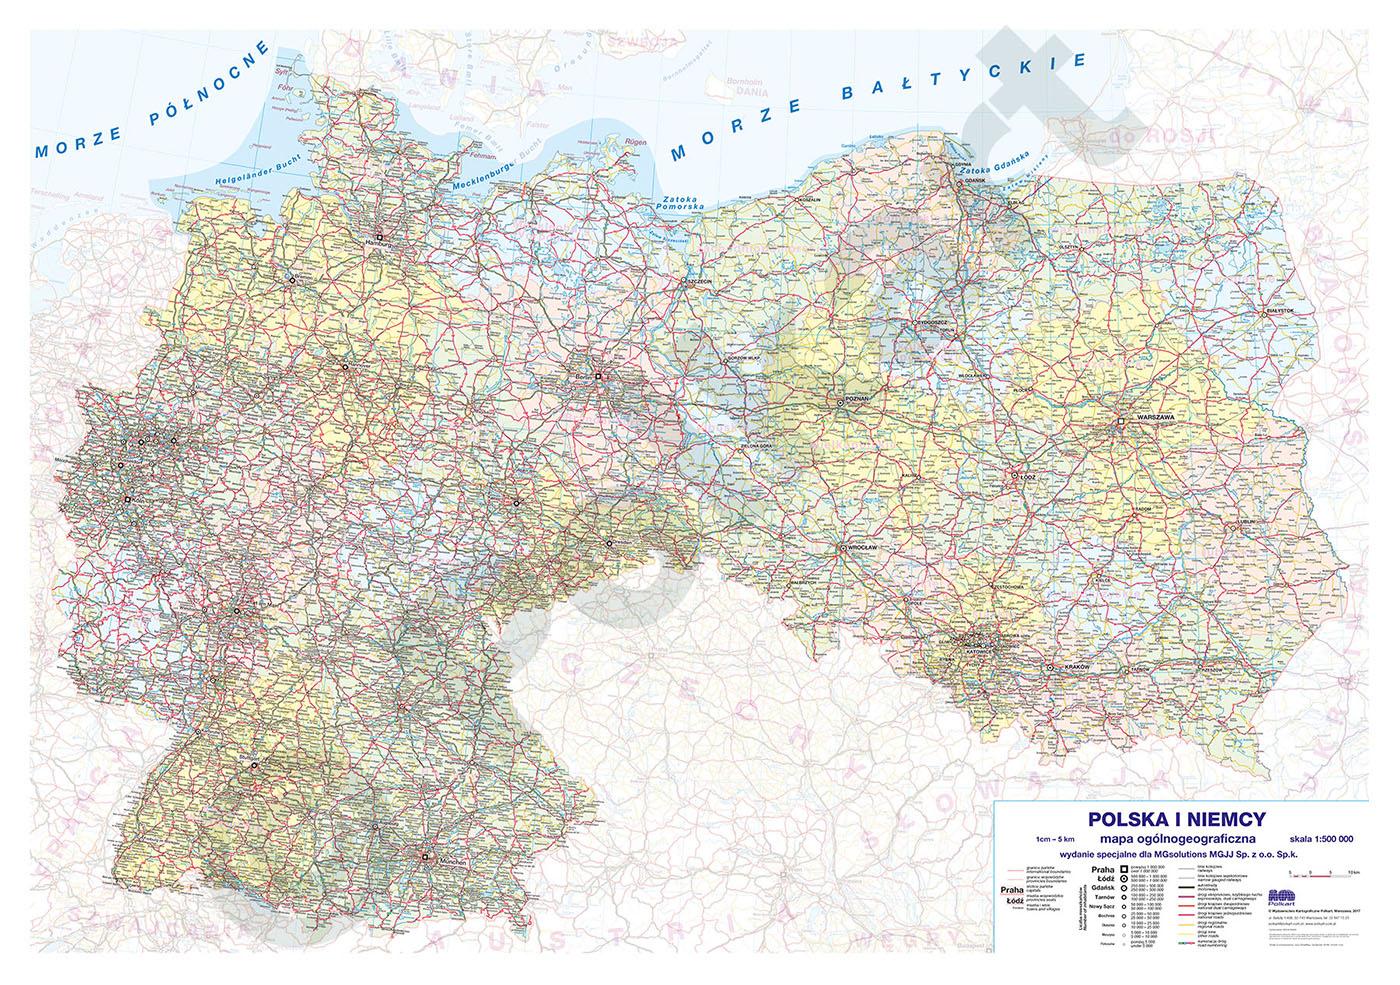 Mapy Państw I Europywydawnictwo Kartograficzne Polkart Wydawnictwo